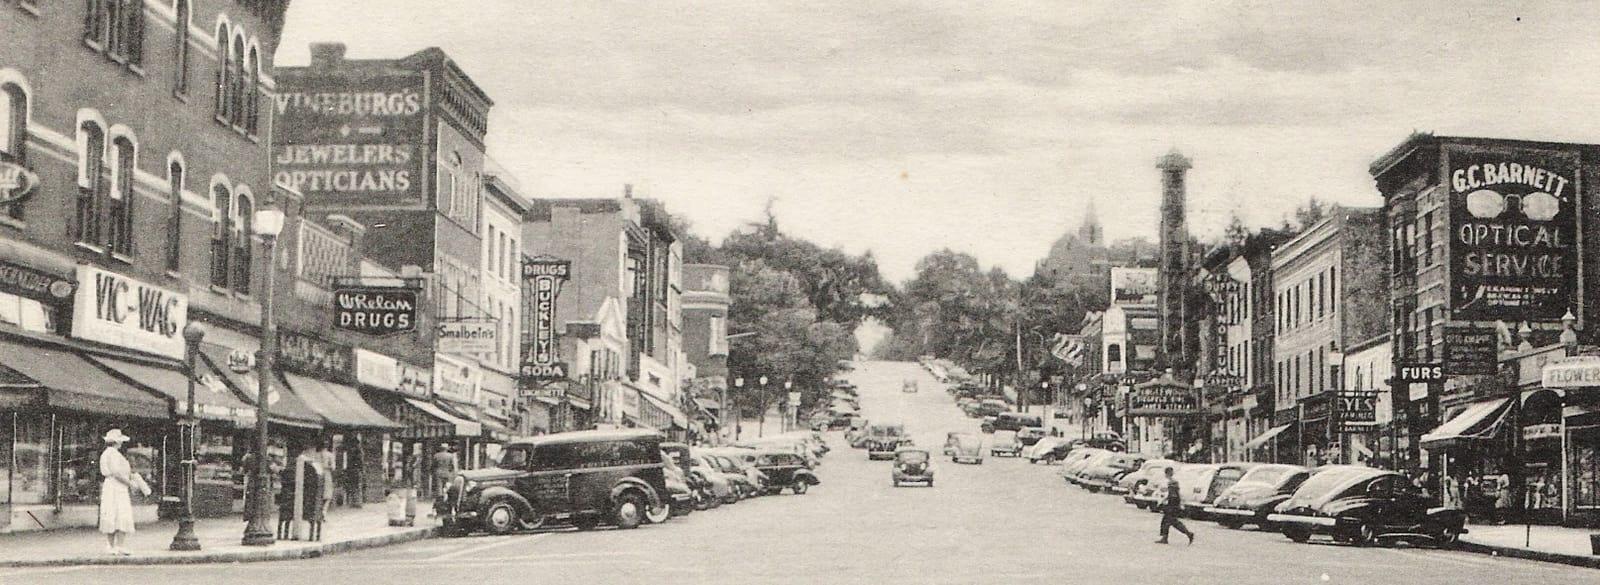 Vintage-Palisade-Ave-w1600.jpg